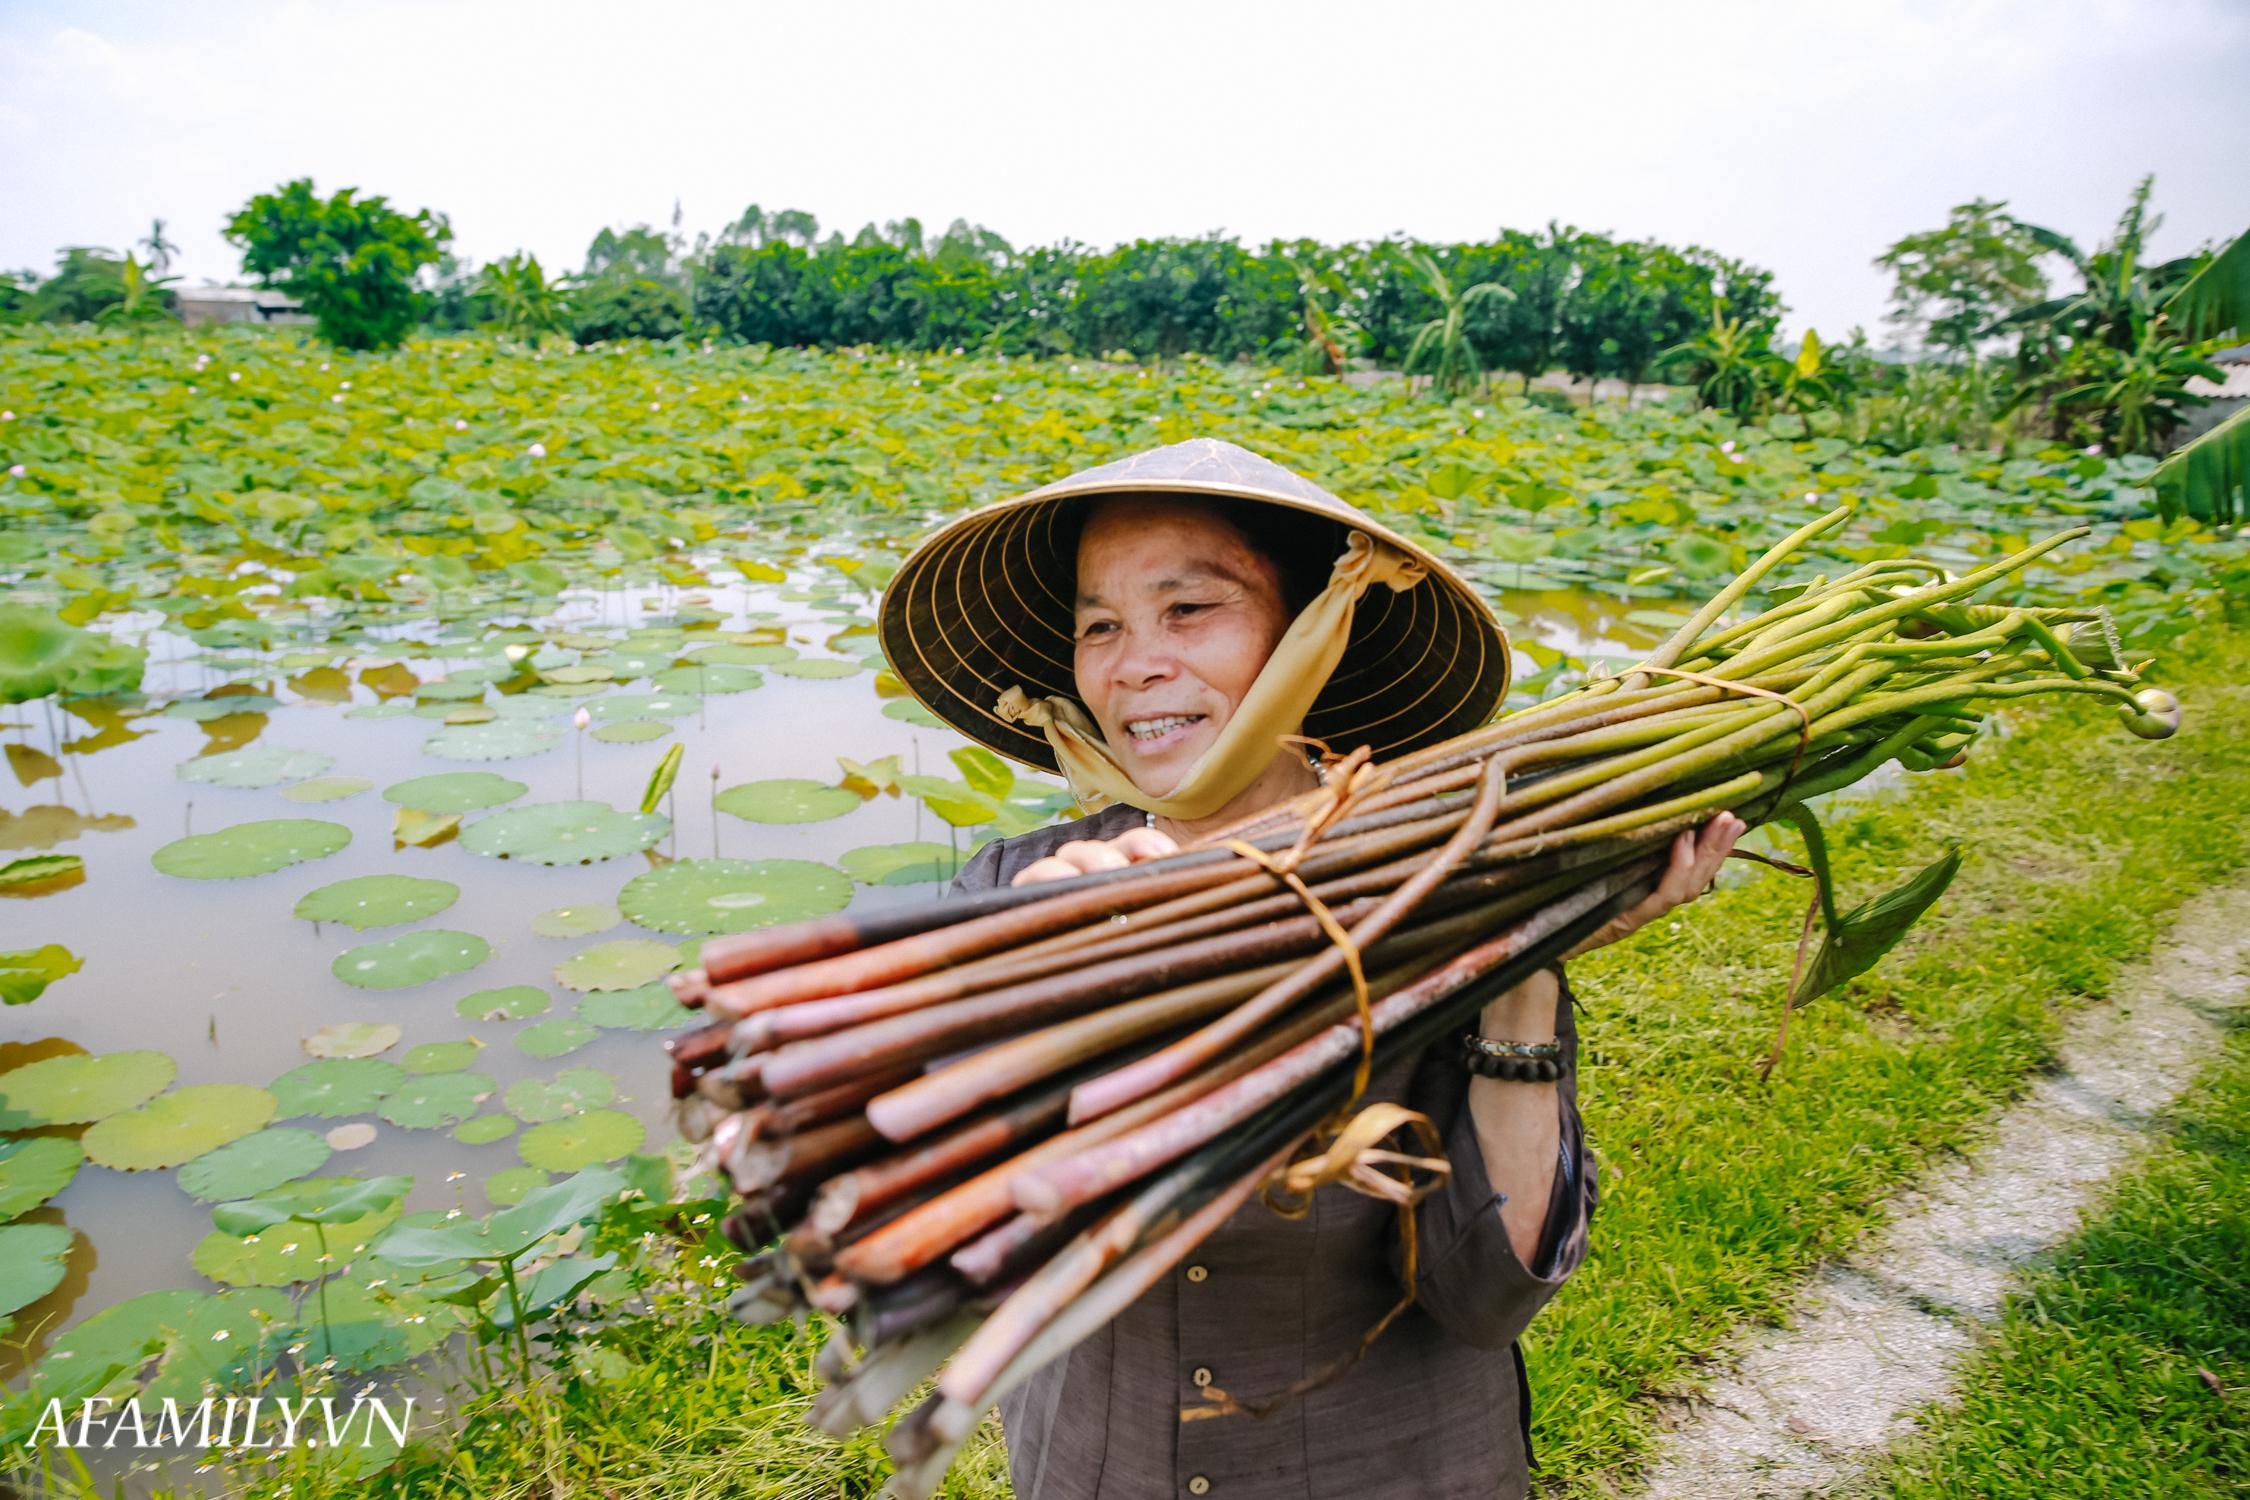 """Người phụ nữ chân quê ngoại thành Hà Nội với biệt tài """"bắt sen nhả tơ"""", làm nên chiếc khăn giá chẳng kém gì hàng hiệu nổi tiếng - Ảnh 3."""